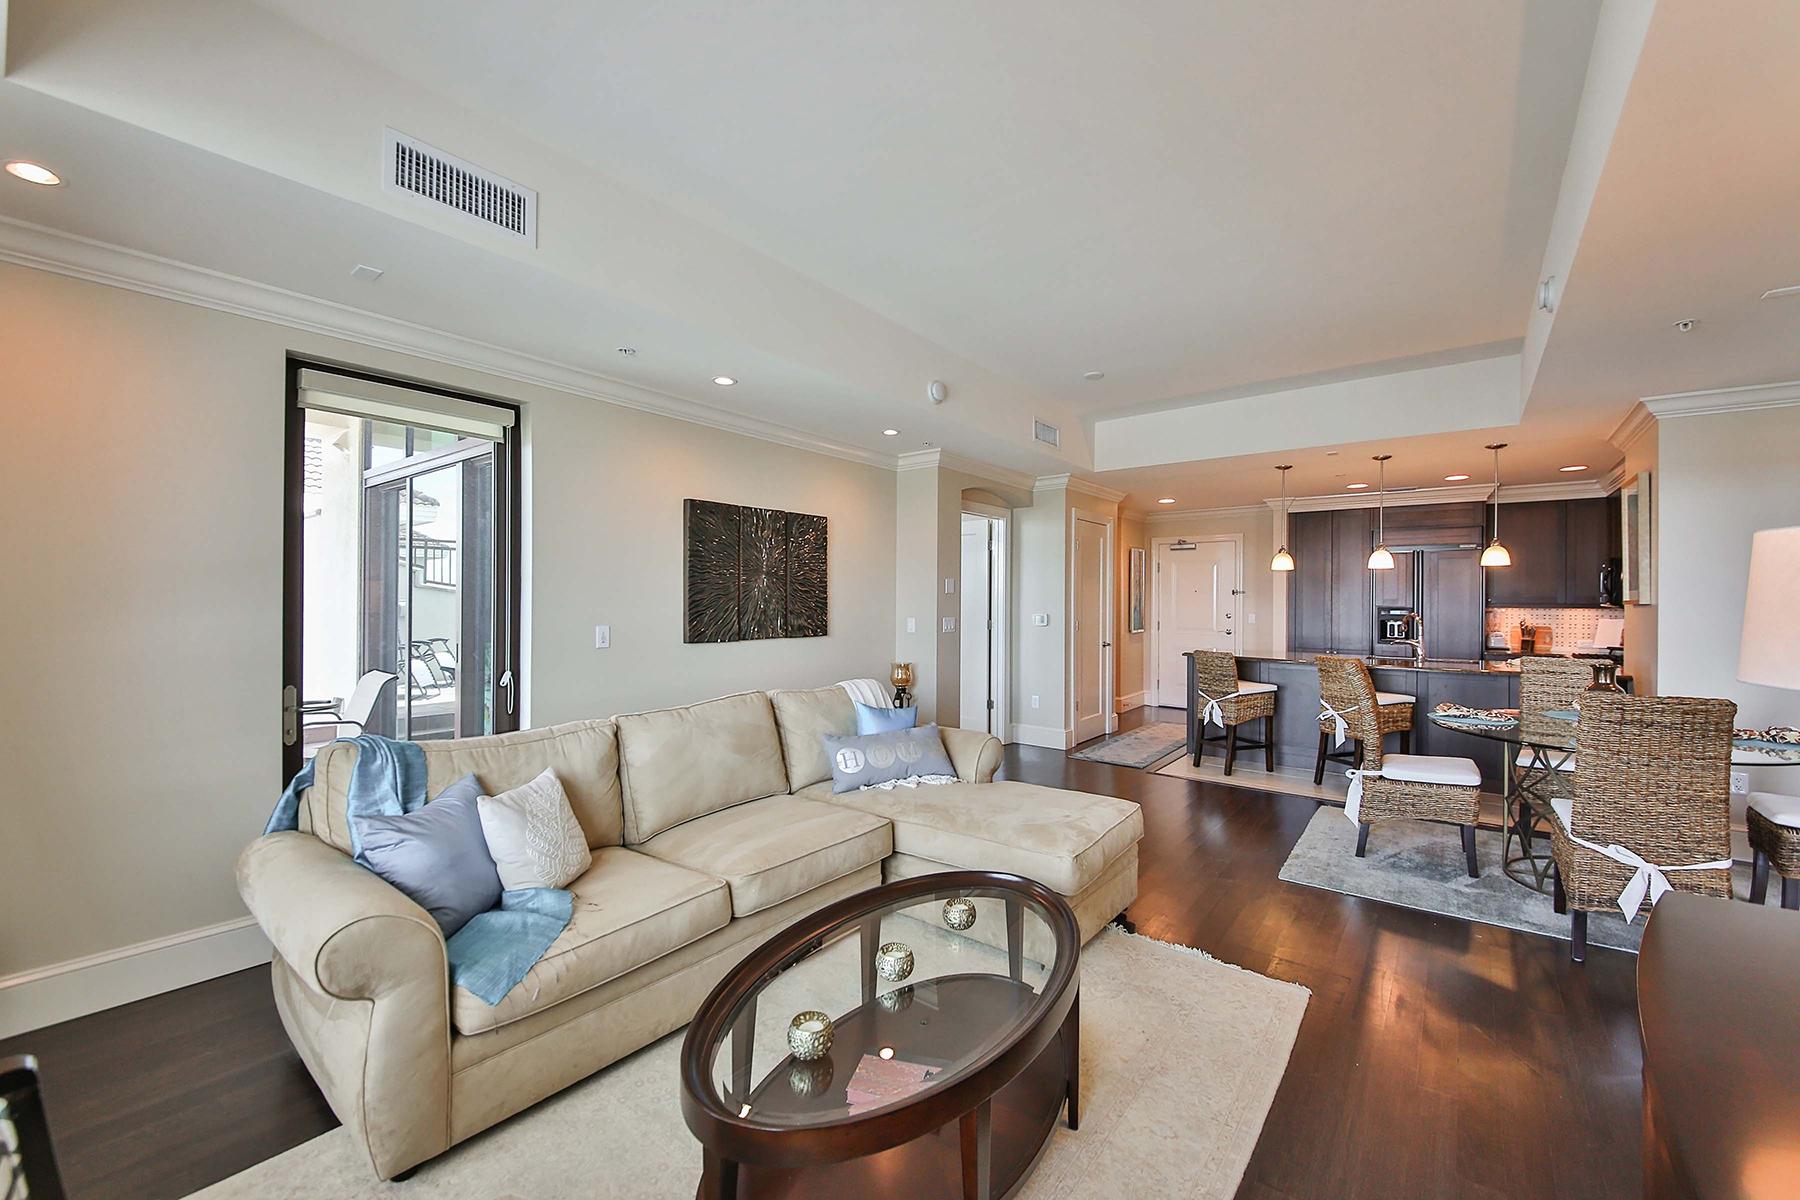 Condominium for Rent at MERCATO - THE STRADA 9123 Strada Pl 7505, Naples, Florida 34108 United States